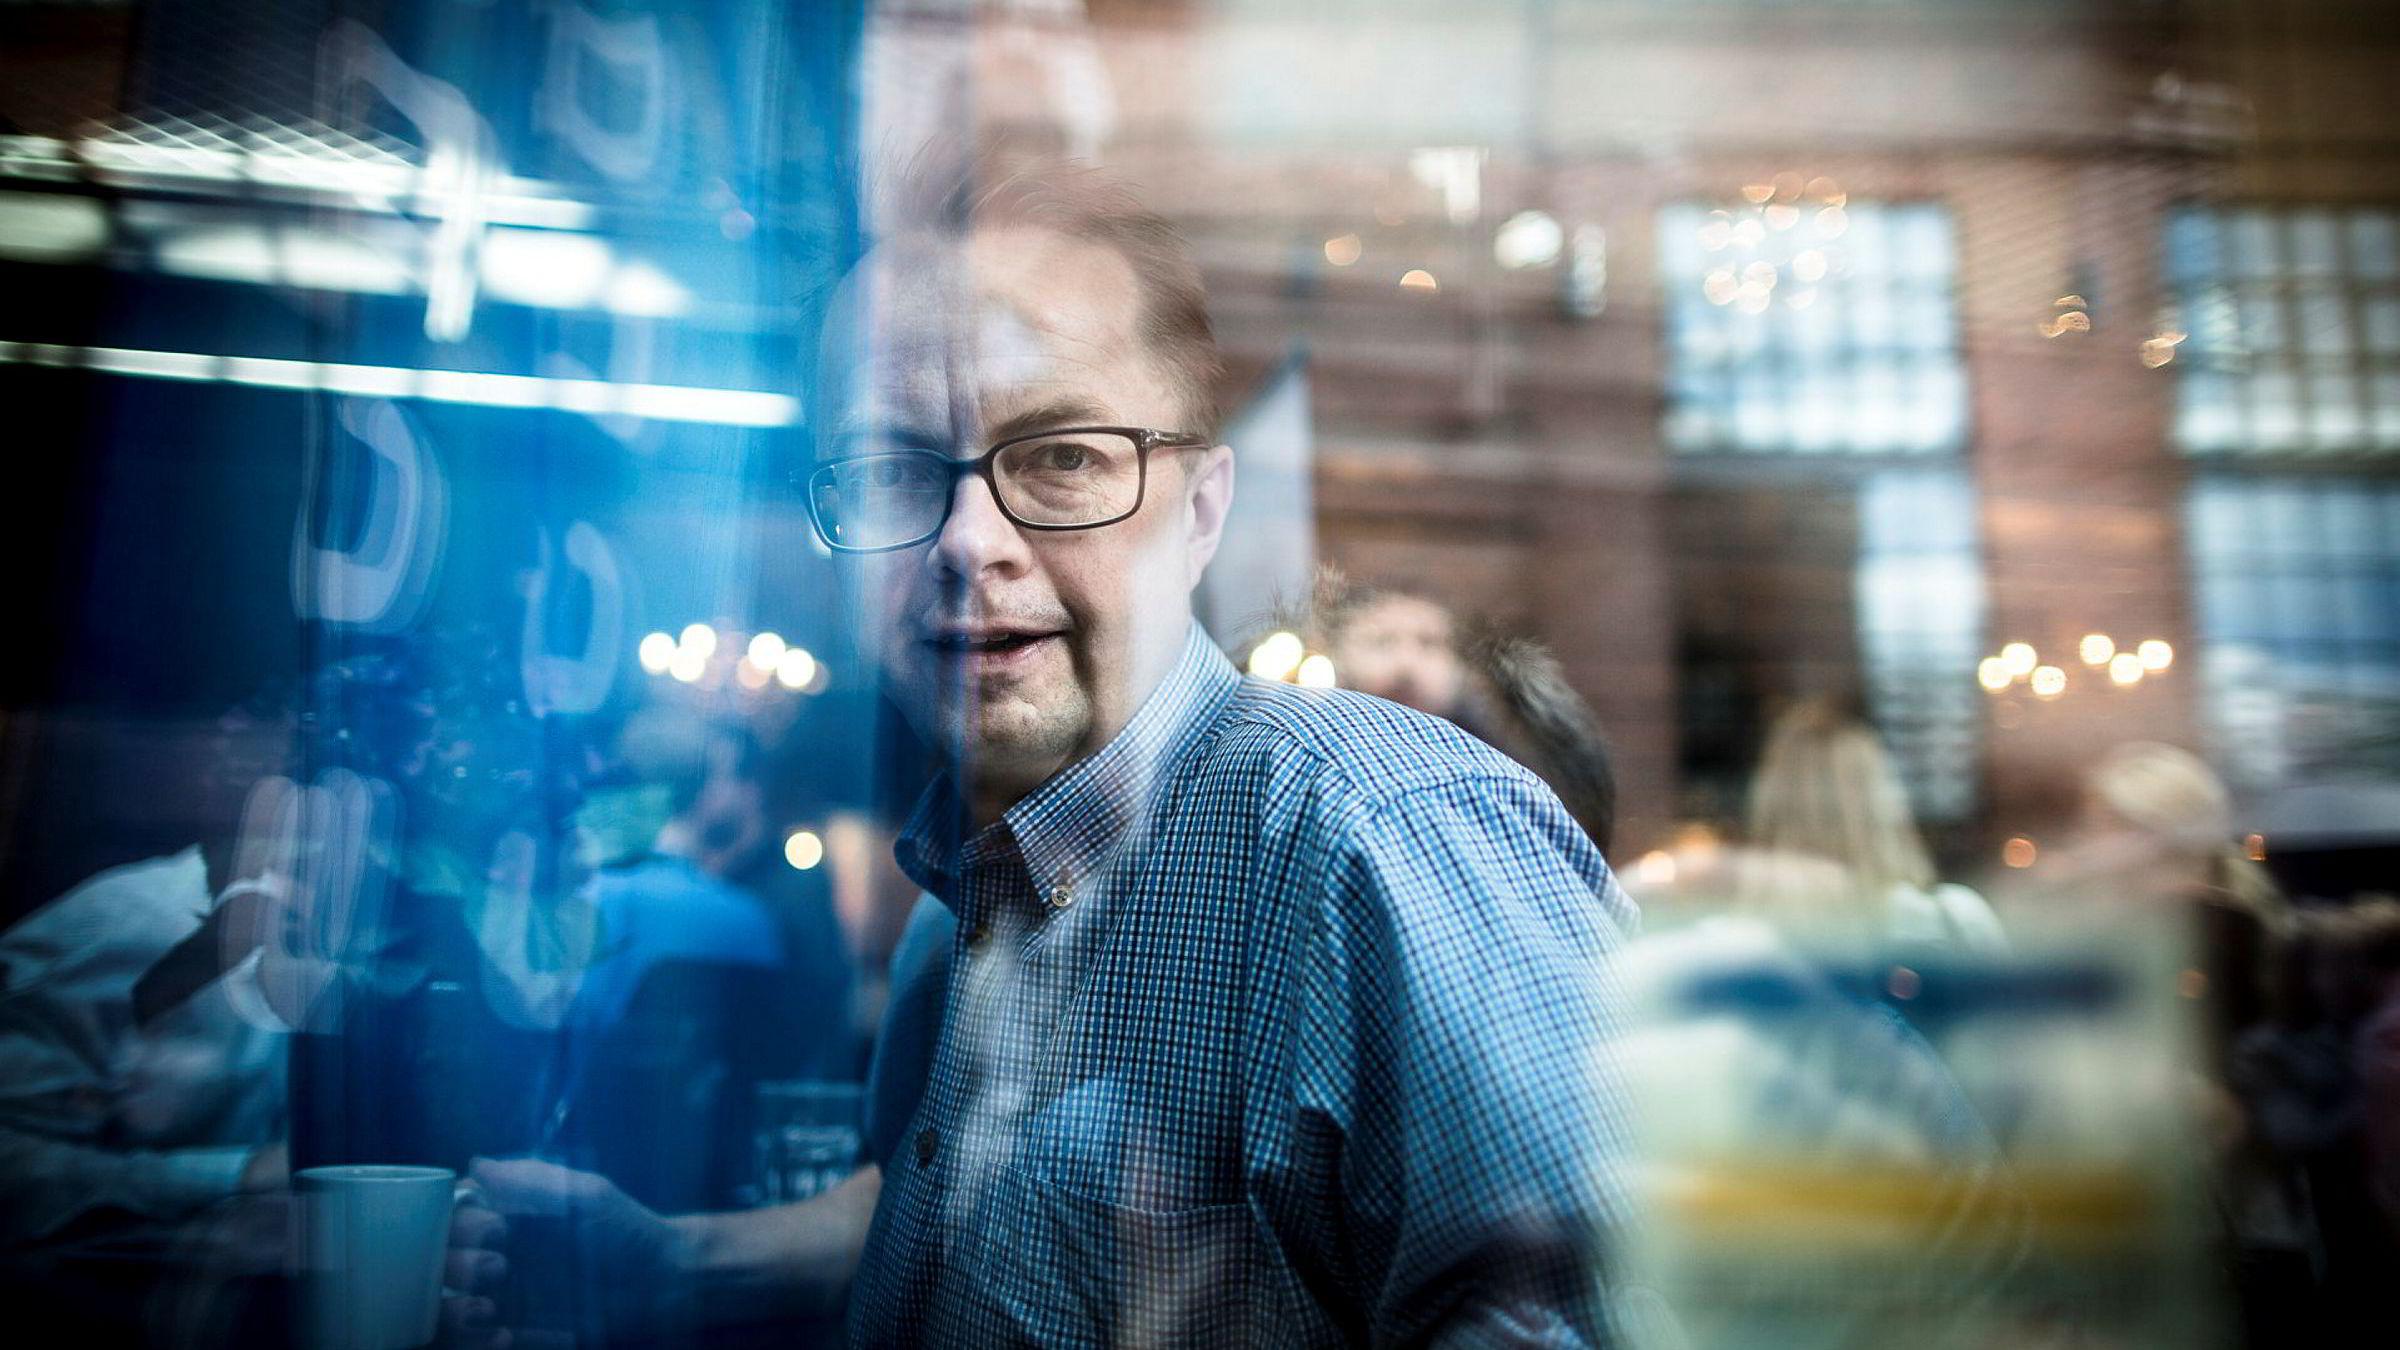 Forhandlingsdirektør Harald-Eide Fredriksen i mediebyrågruppen Dentsu Aegis Network synes det er vanskelig å spå om omsetningen for papirannonser vil flate ut.